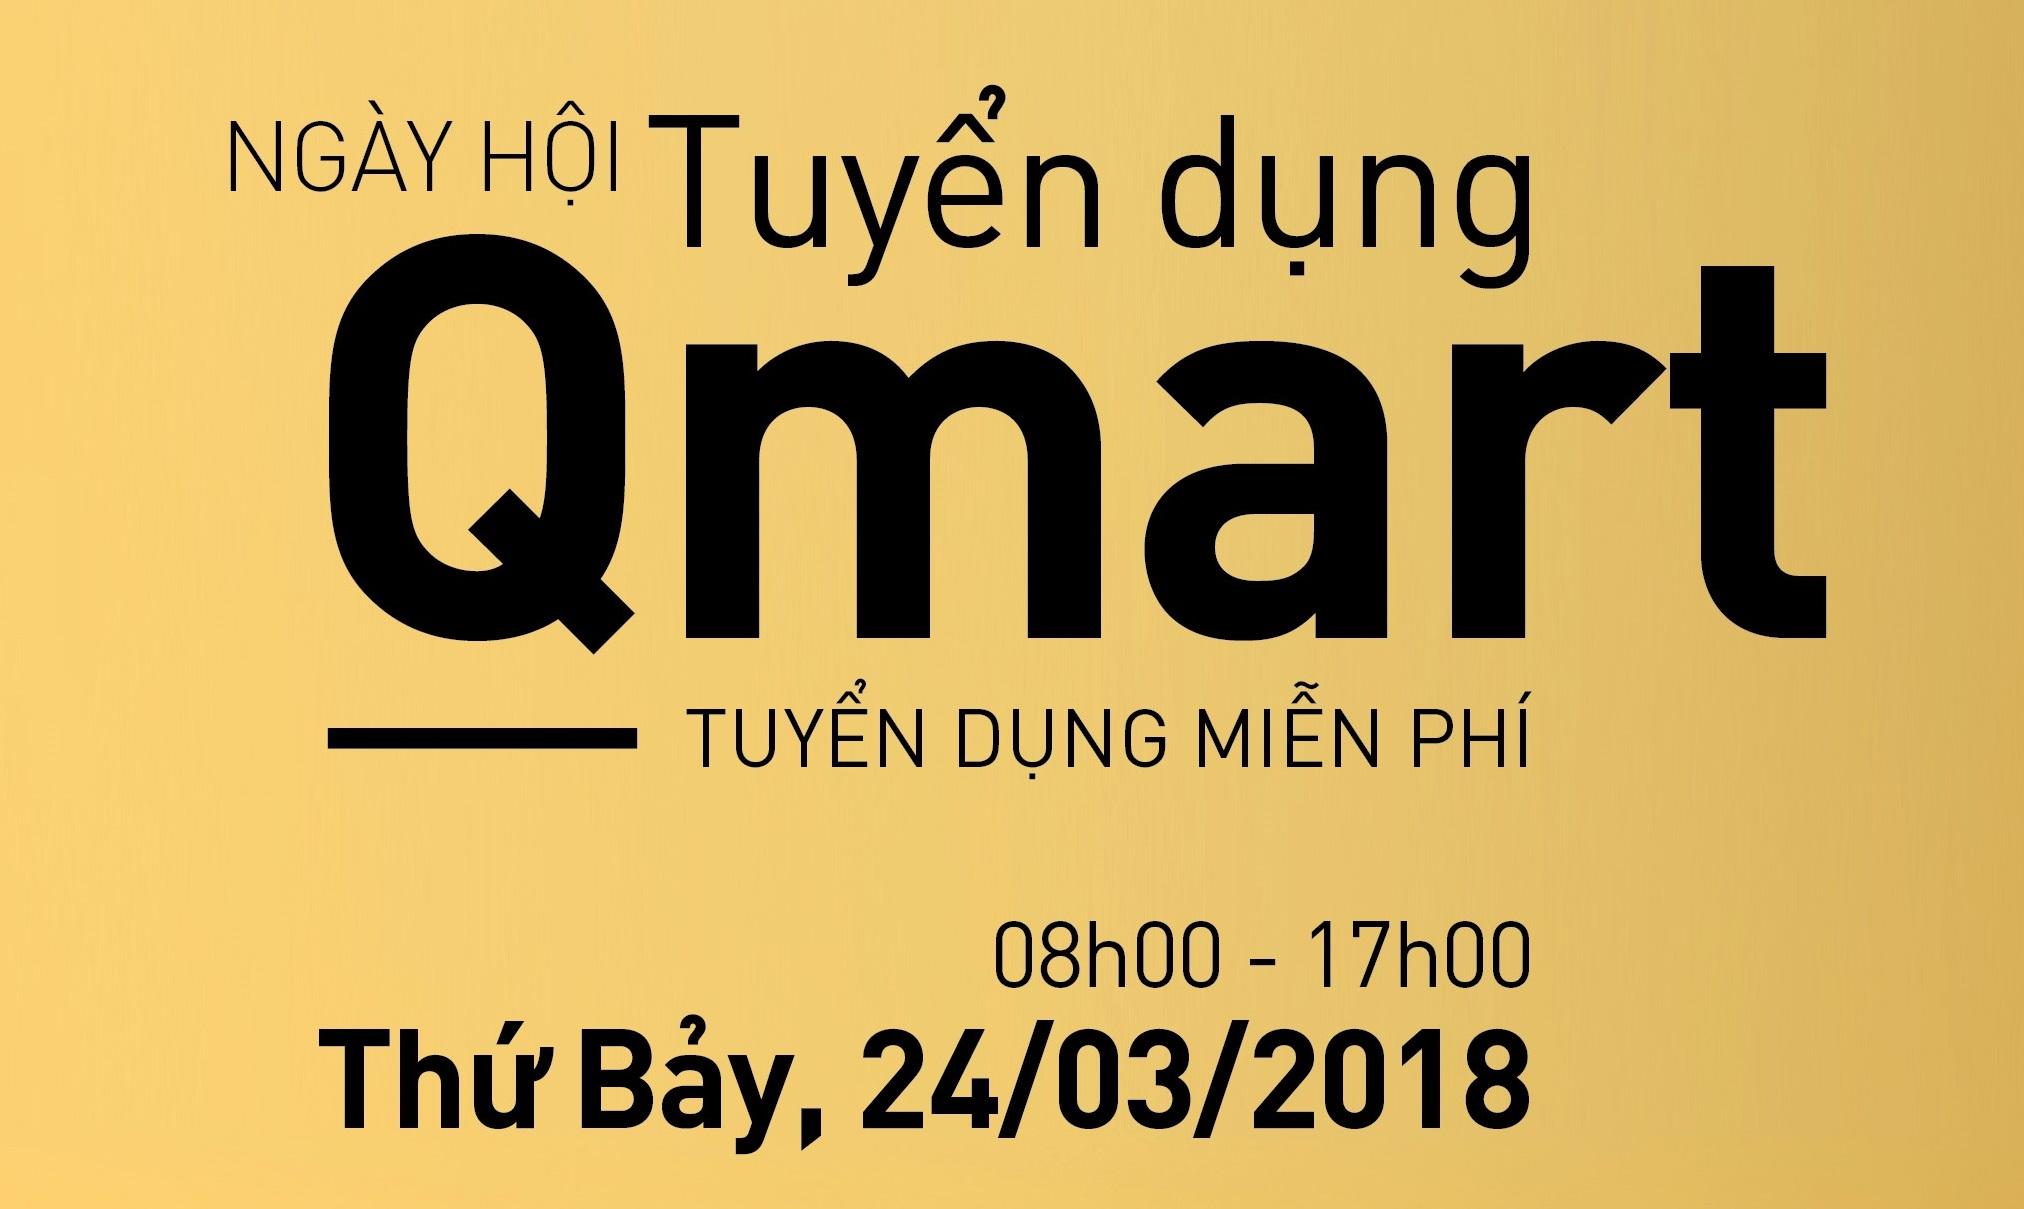 Ngày hội Tuyển dụng Qmart (24/03/2018)